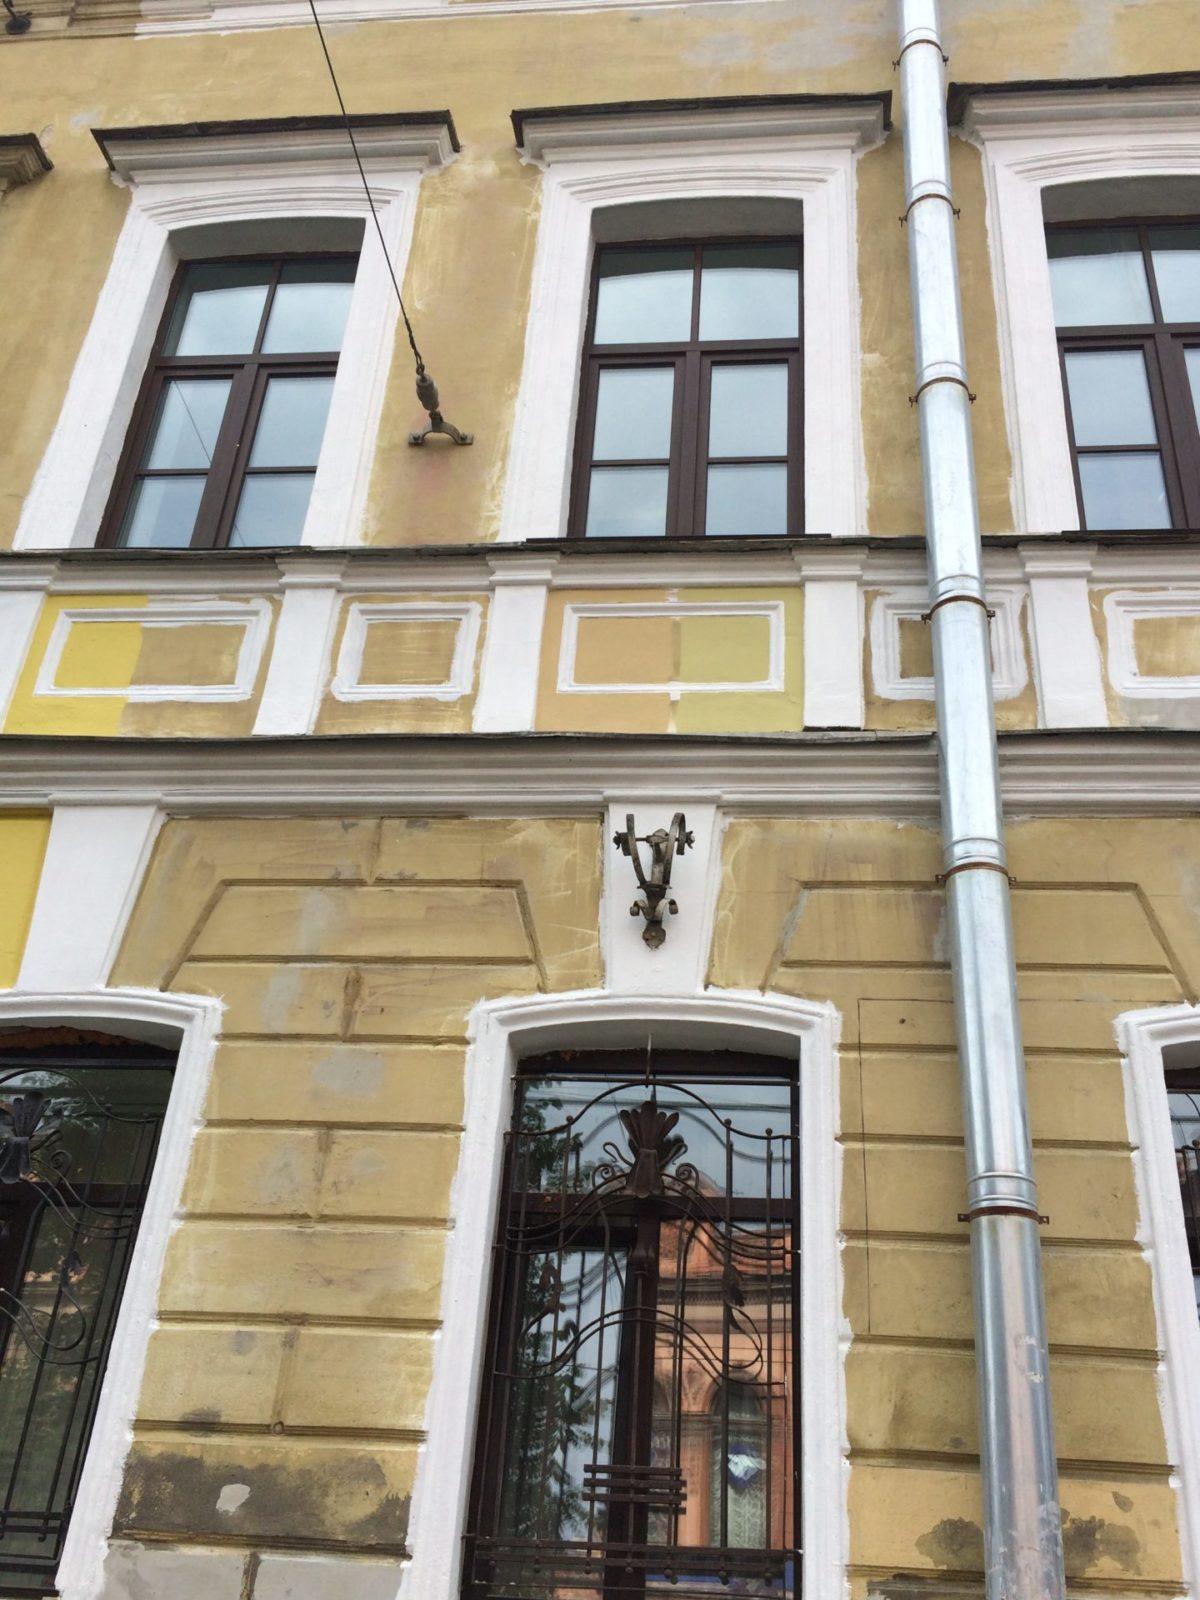 Качественно выполненные работы по шпатлевке и покраске фасада здания